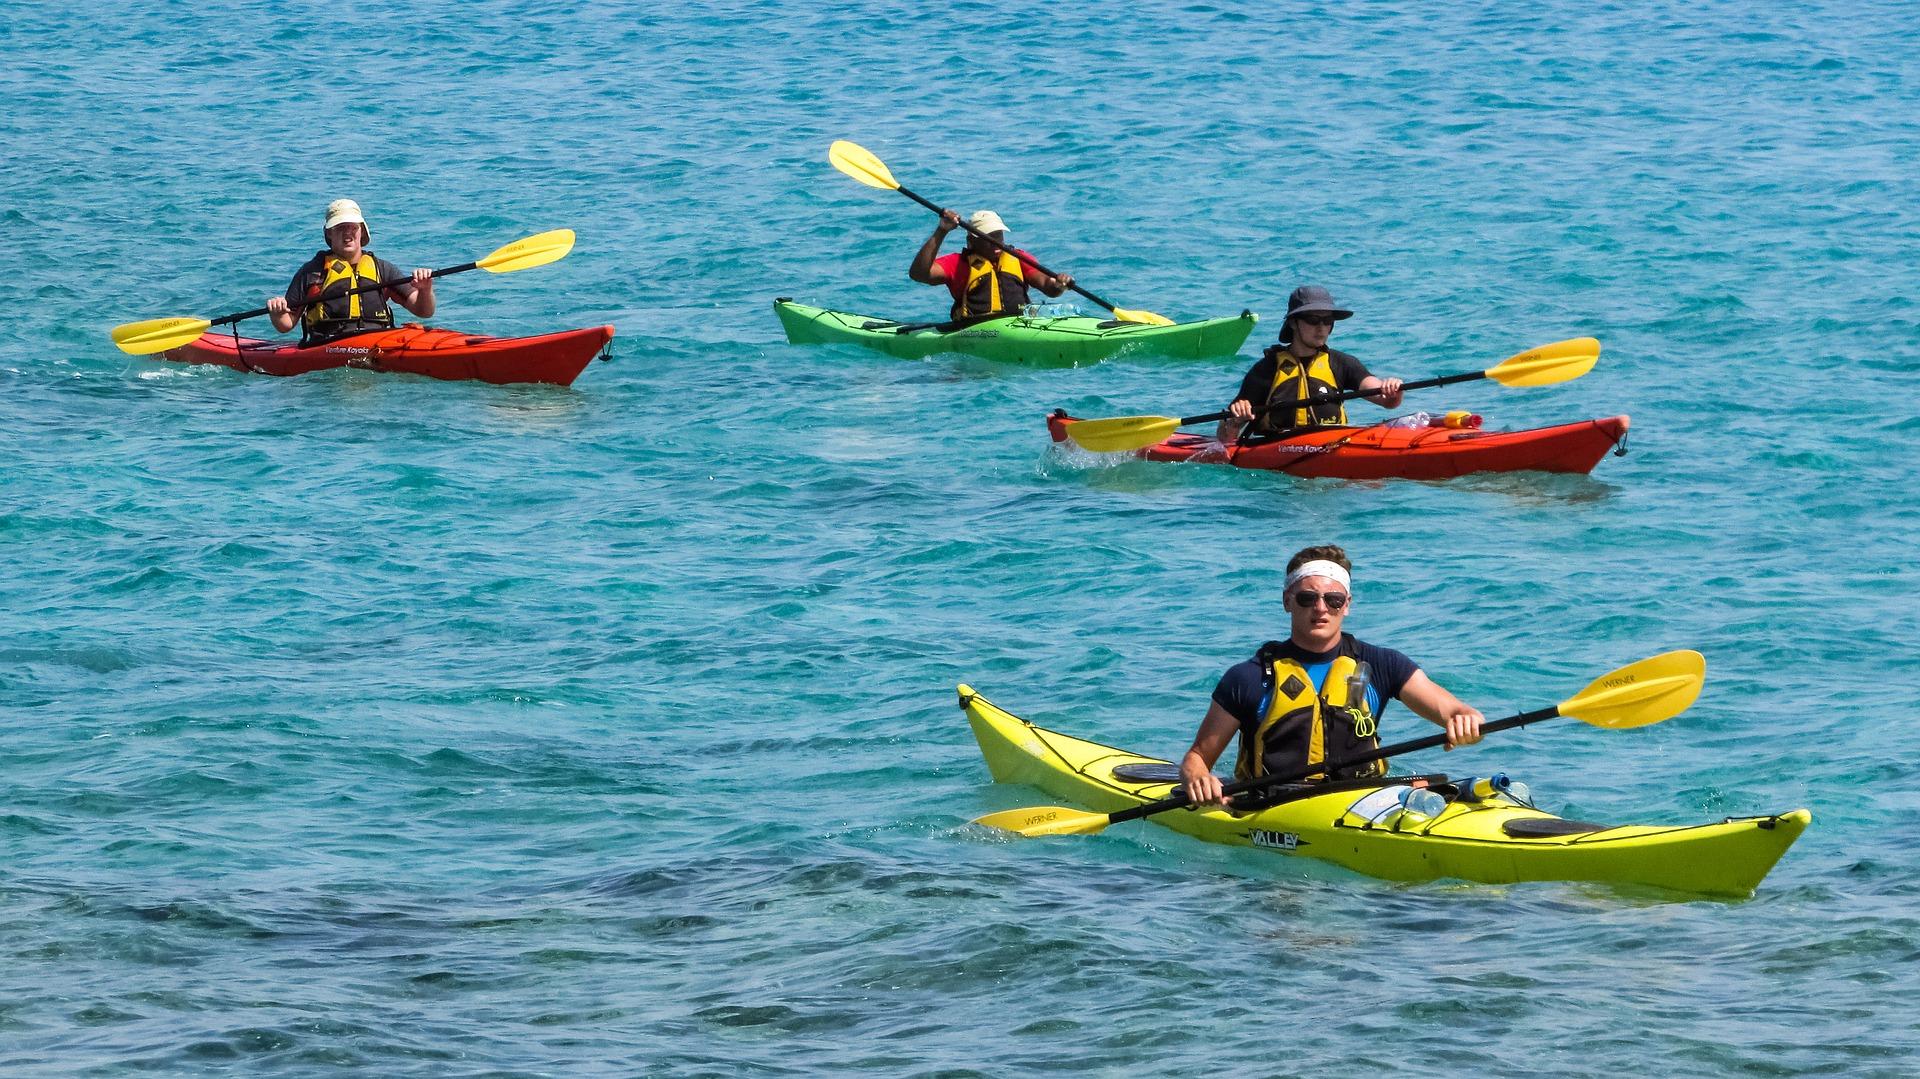 Canoe-kayak in the Bay of Plenty